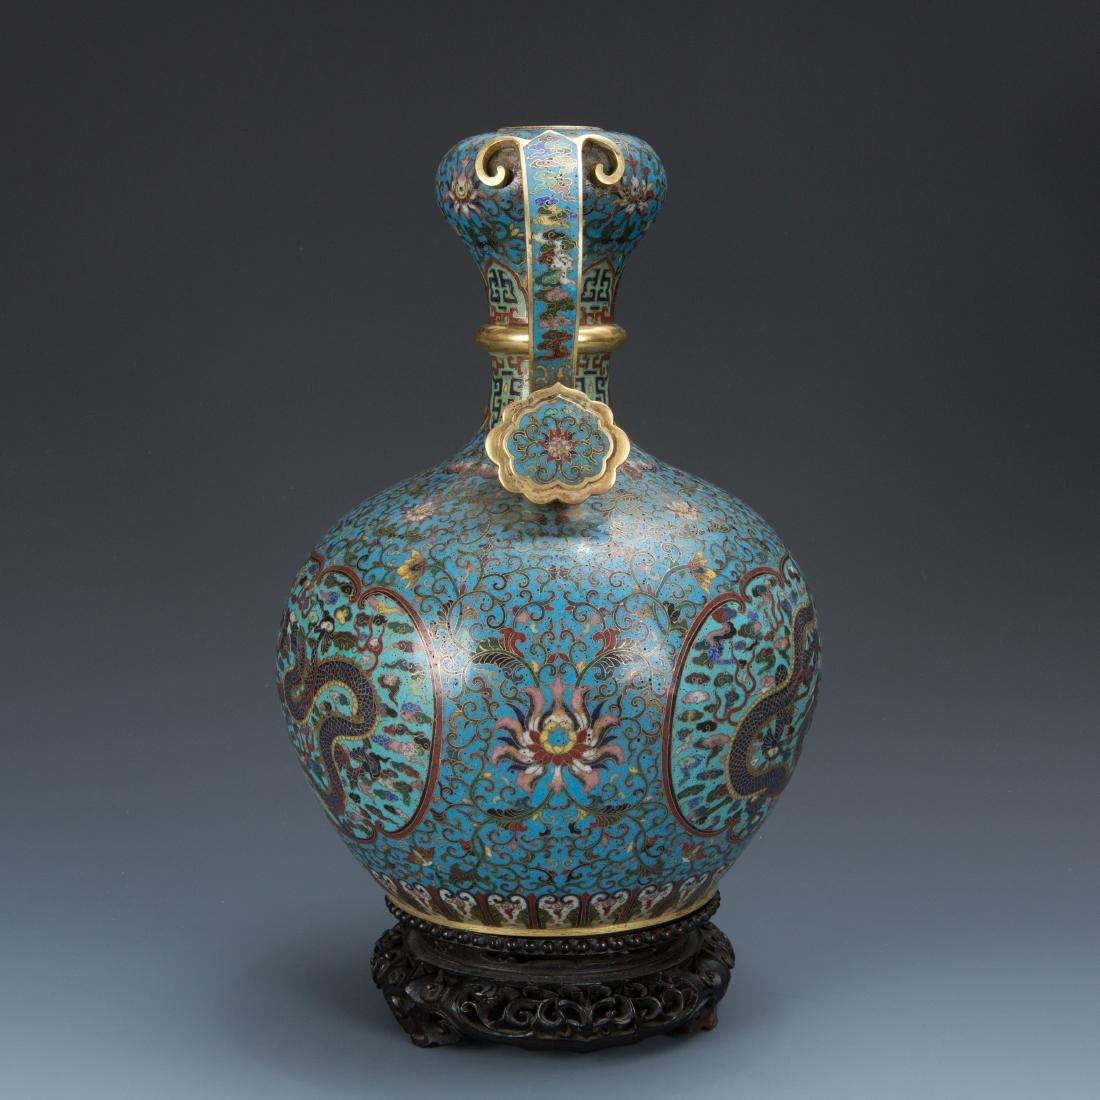 Cloisonne Enamel Vase and wood base with mark - 3